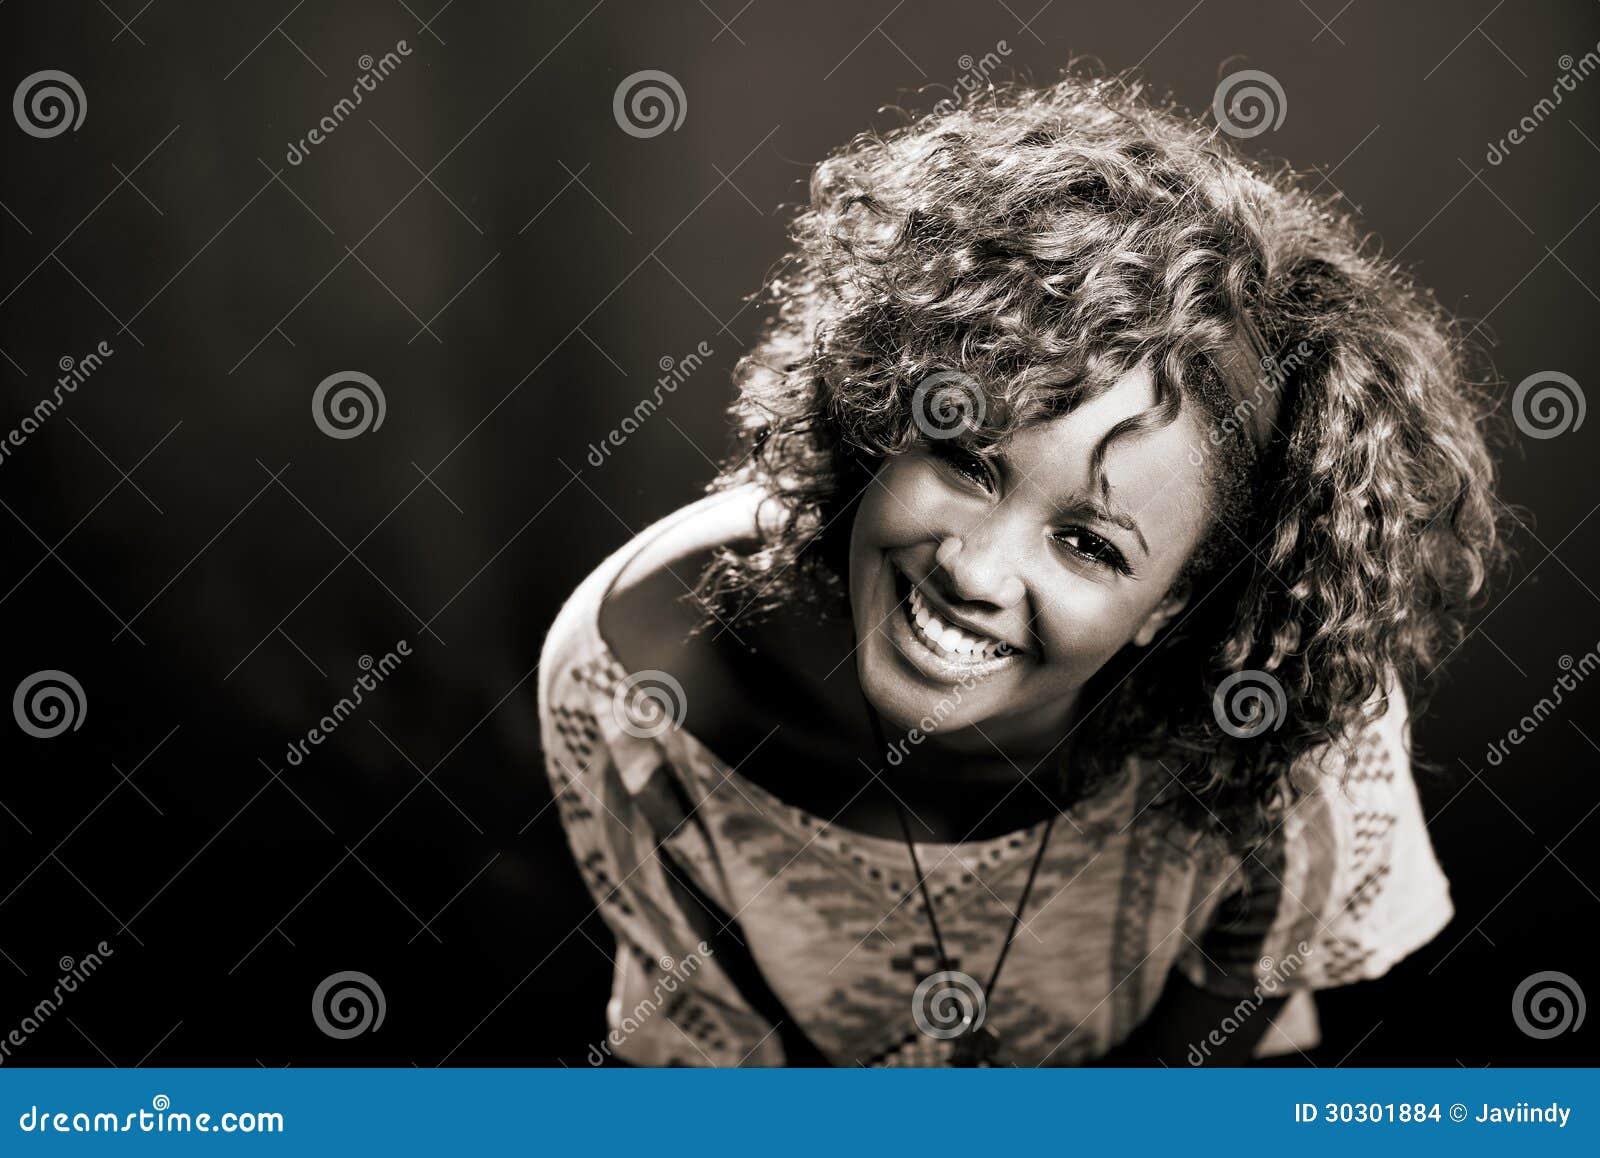 Όμορφη μαύρη γυναίκα στο μαύρο υπόβαθρο. Πυροβολισμός στούντιο